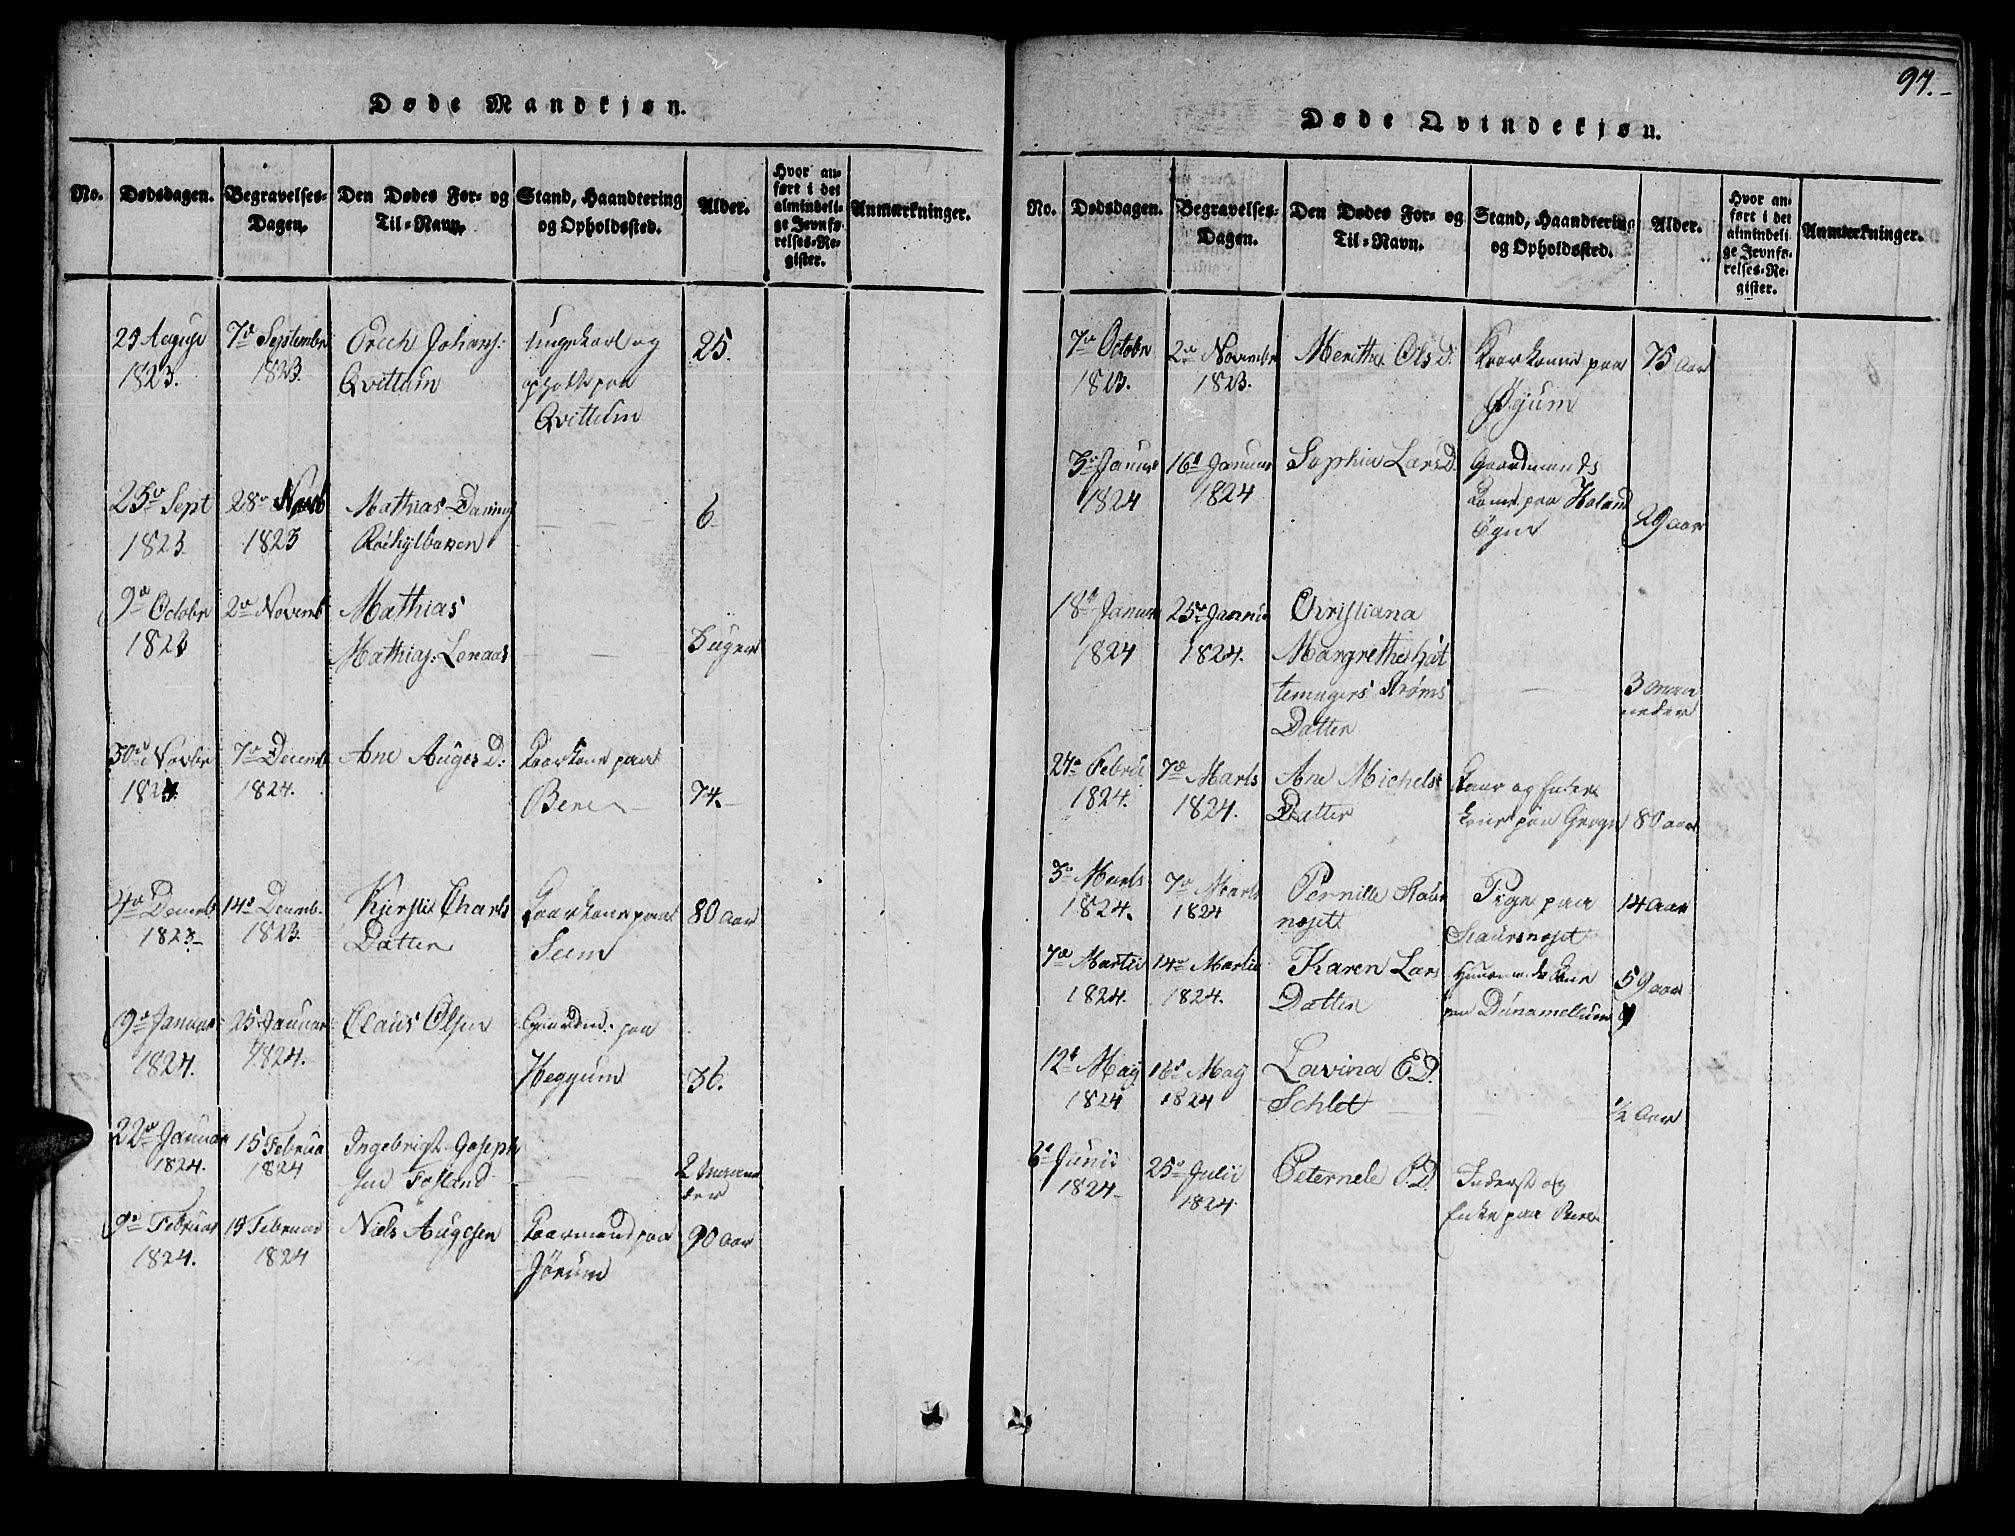 SAT, Ministerialprotokoller, klokkerbøker og fødselsregistre - Nord-Trøndelag, 758/L0521: Klokkerbok nr. 758C01, 1816-1825, s. 97